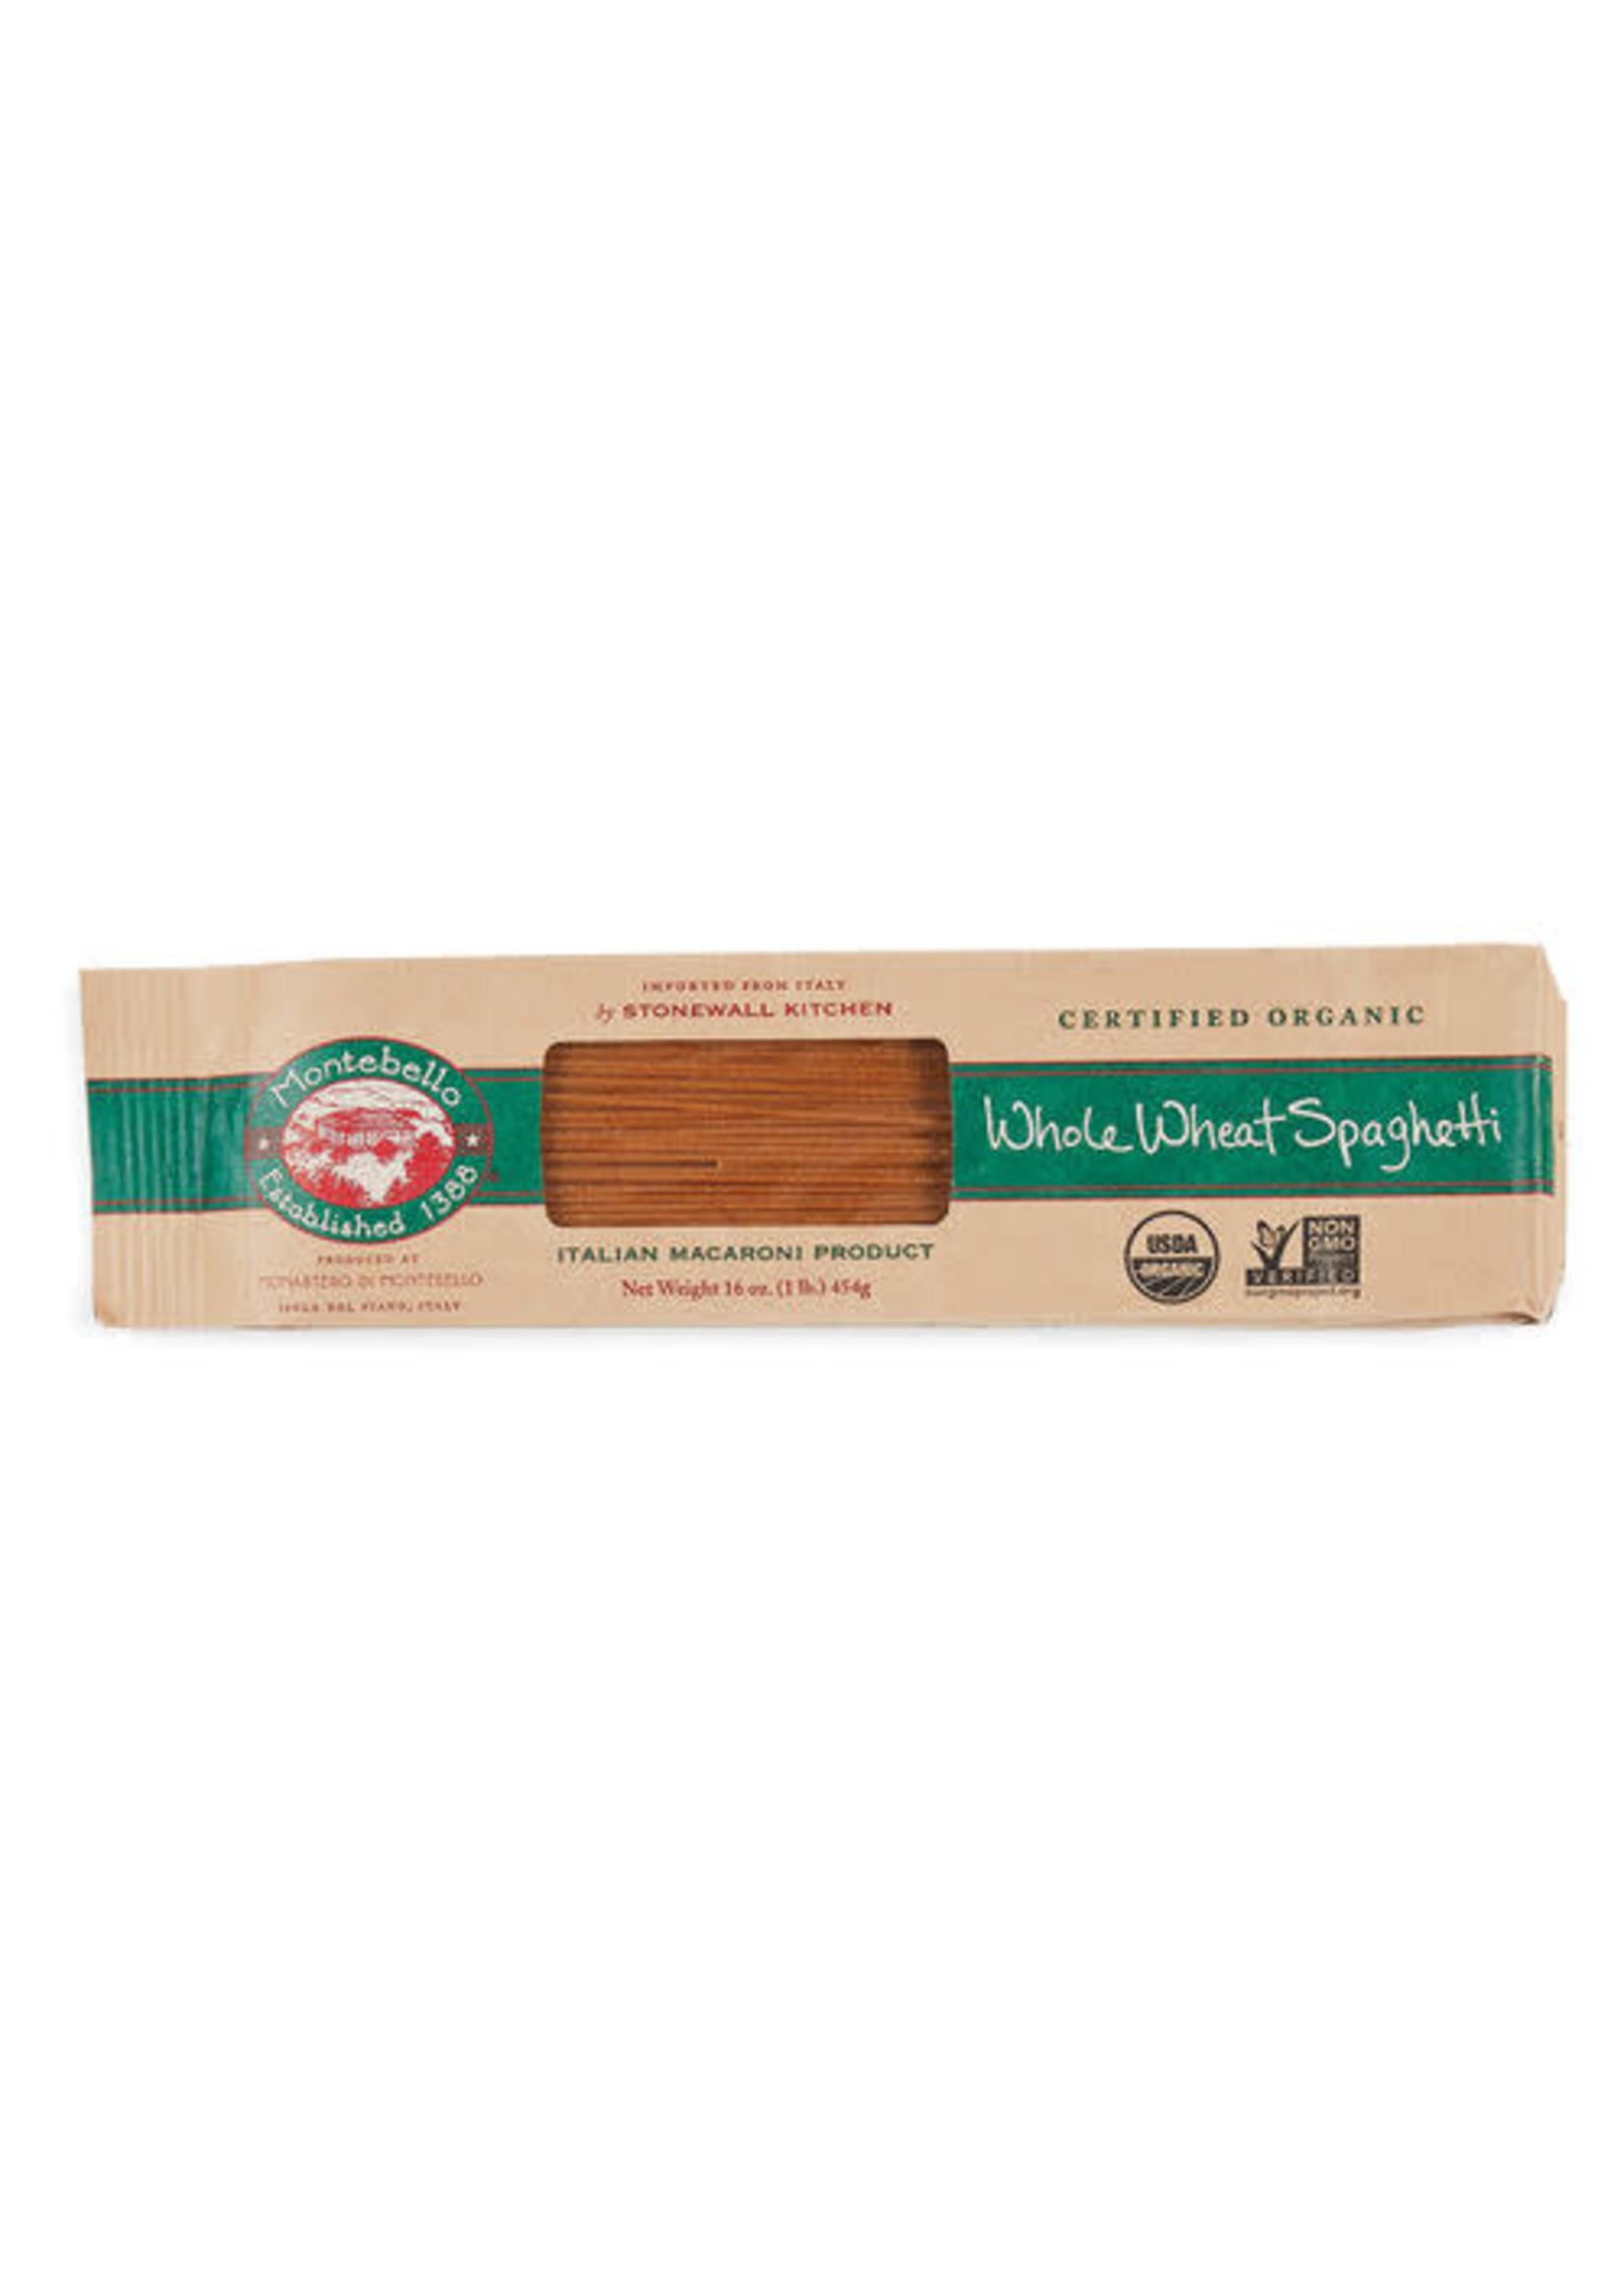 Stonewall Kitchen Whole Wheat Spaghetti 16oz